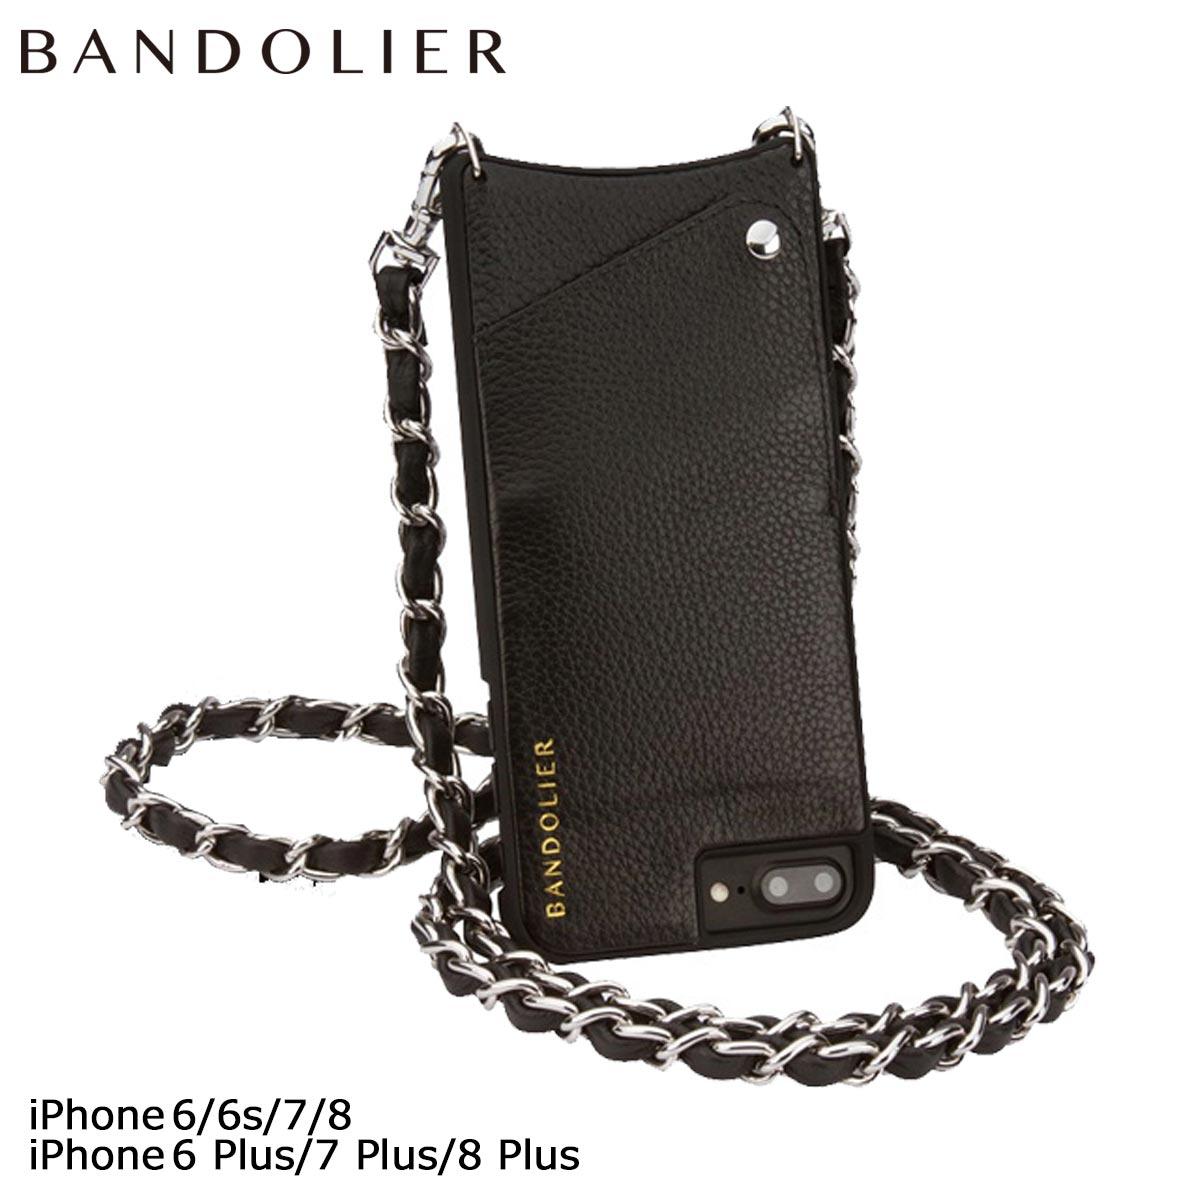 BANDOLIER LIBBY バンドリヤー iPhone8 iPhone7 7Plus 6s ケース スマホ アイフォン プラス レザー メンズ レディース